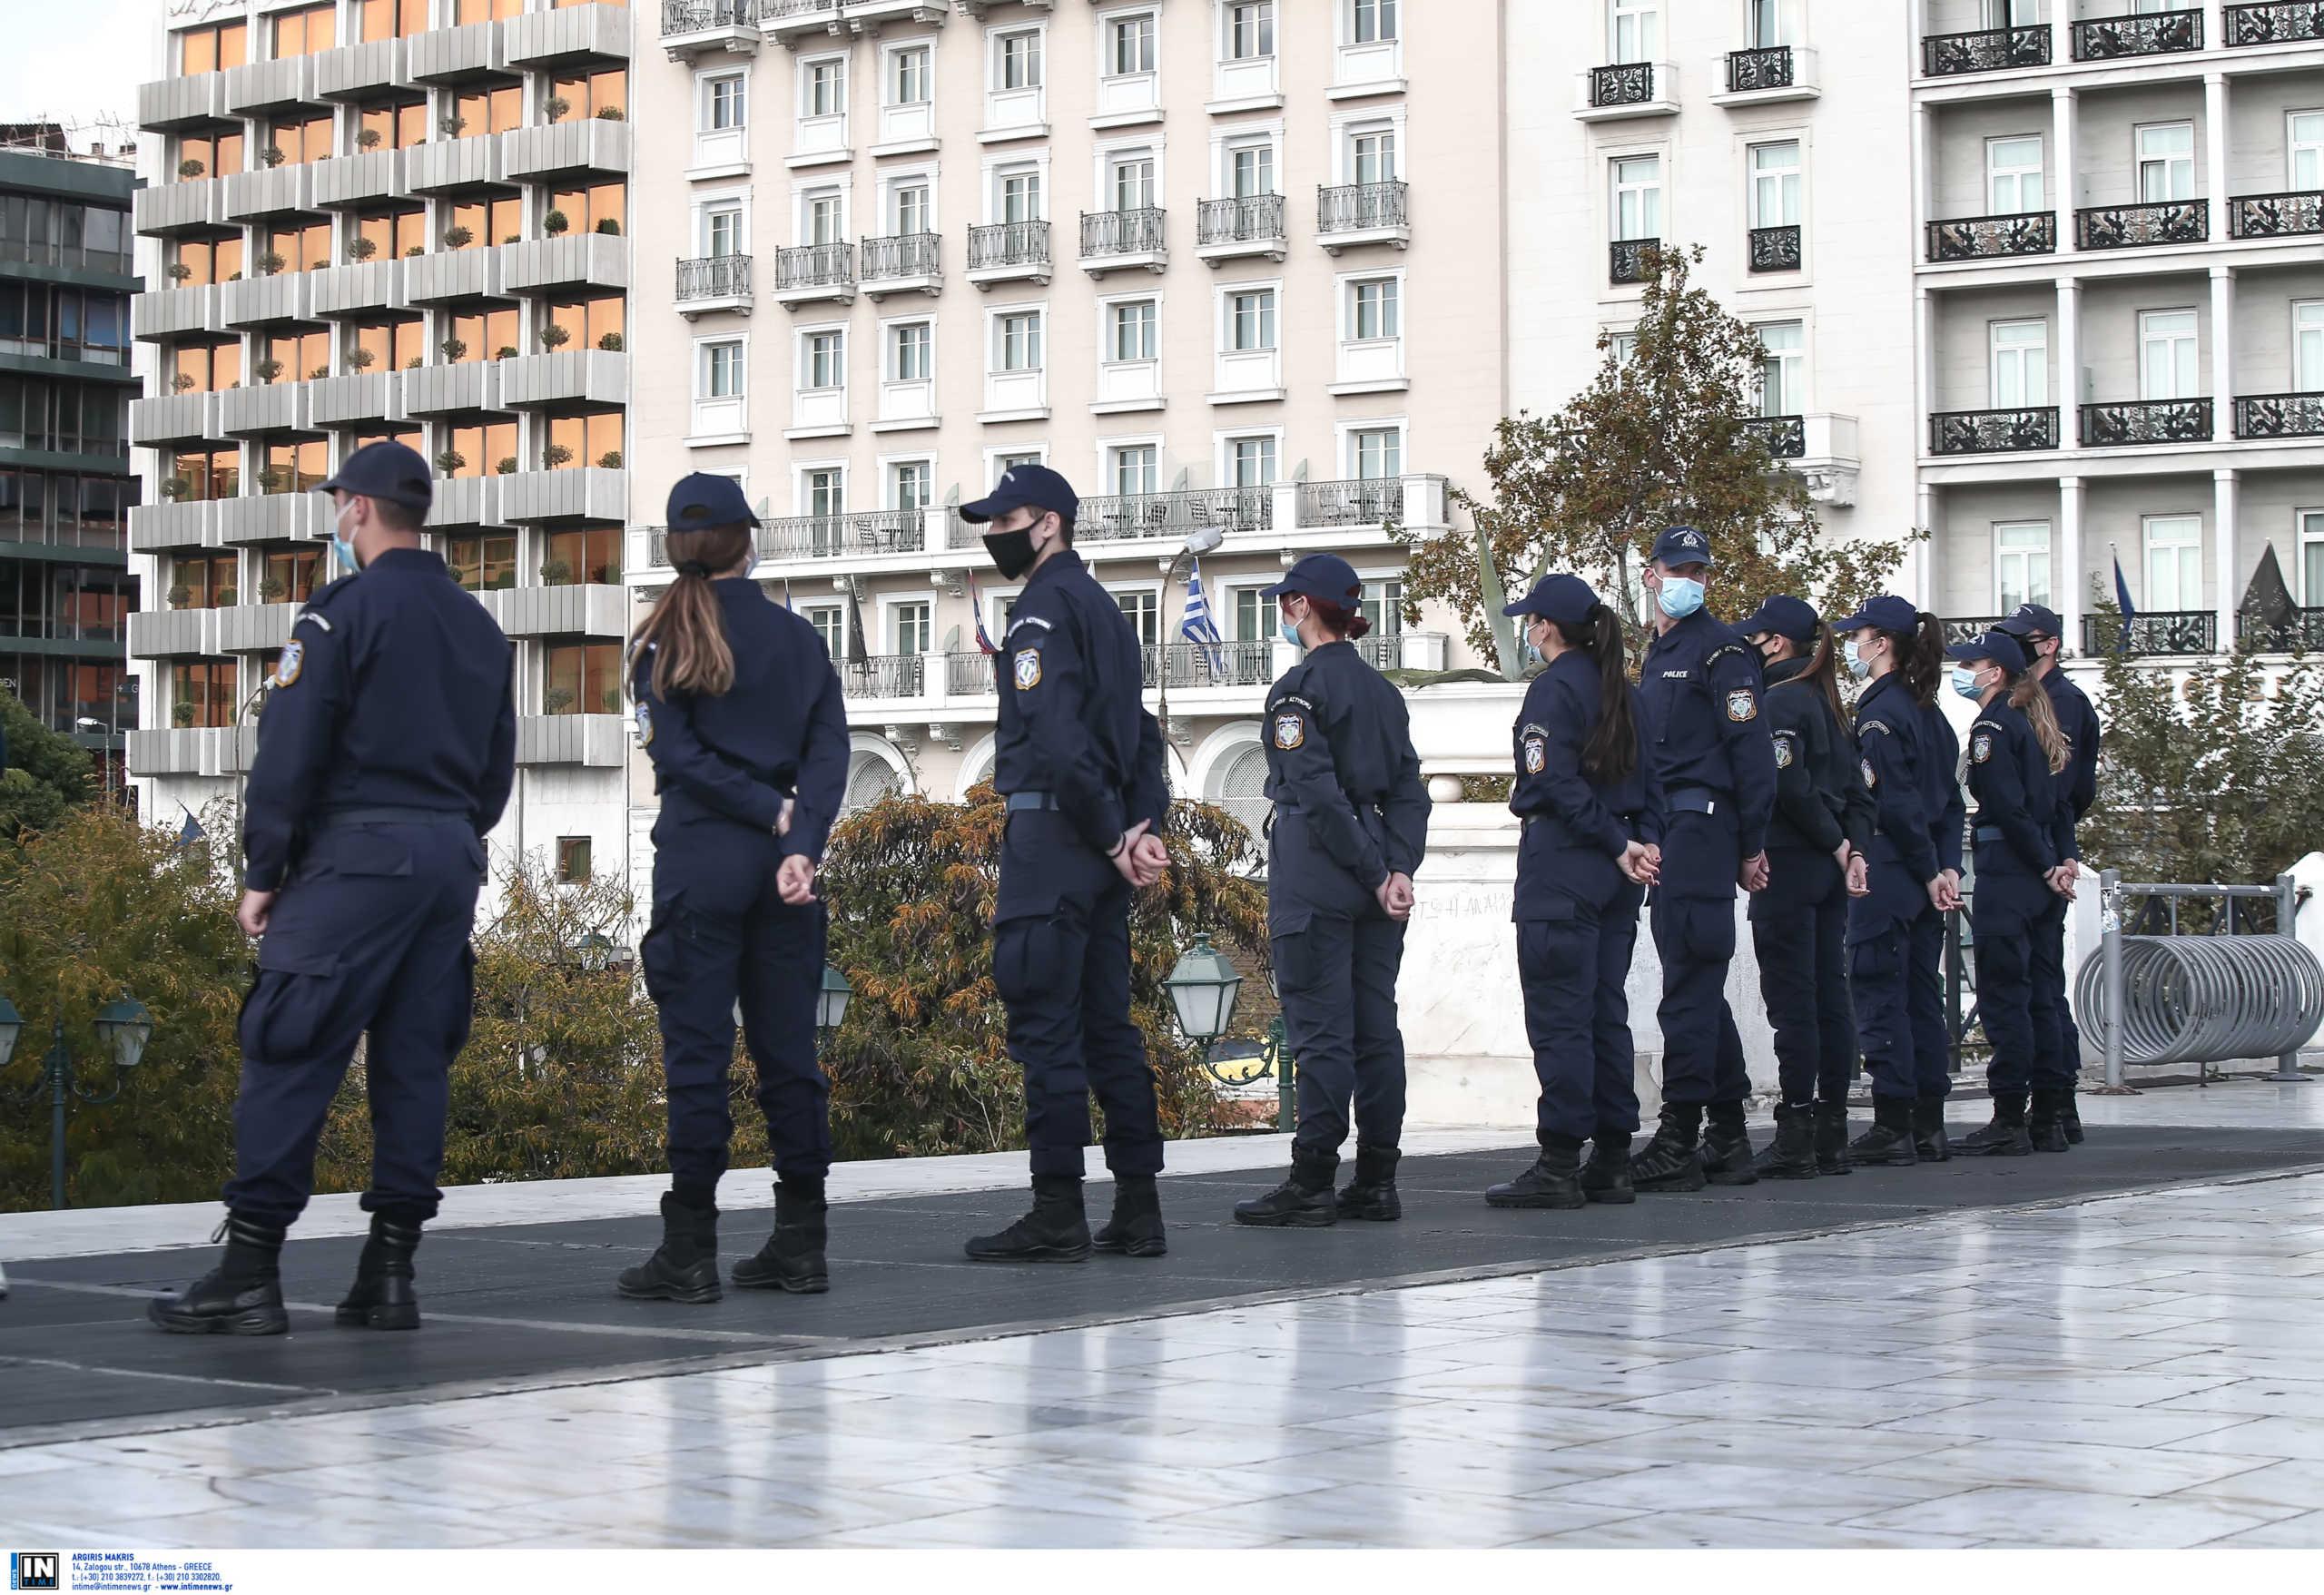 Απαγορεύονται οι συναθροίσεις άνω των τεσσάρων σε όλη την Ελλάδα! Η απόφαση του Αρχηγού της ΕΛ.ΑΣ